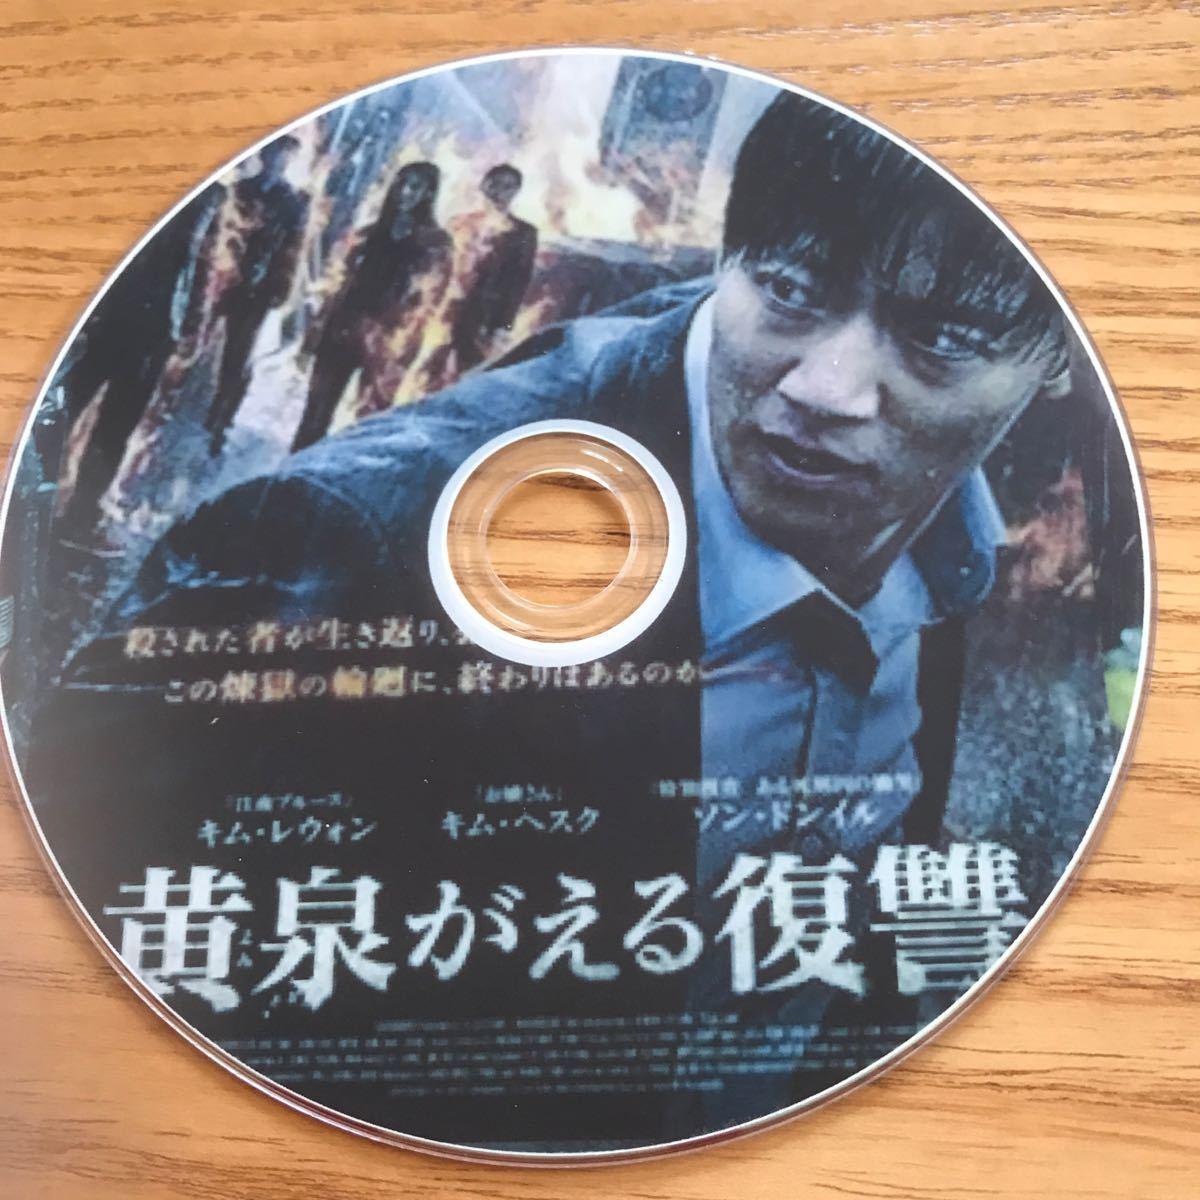 韓国映画  黄泉がえる復讐 DVD